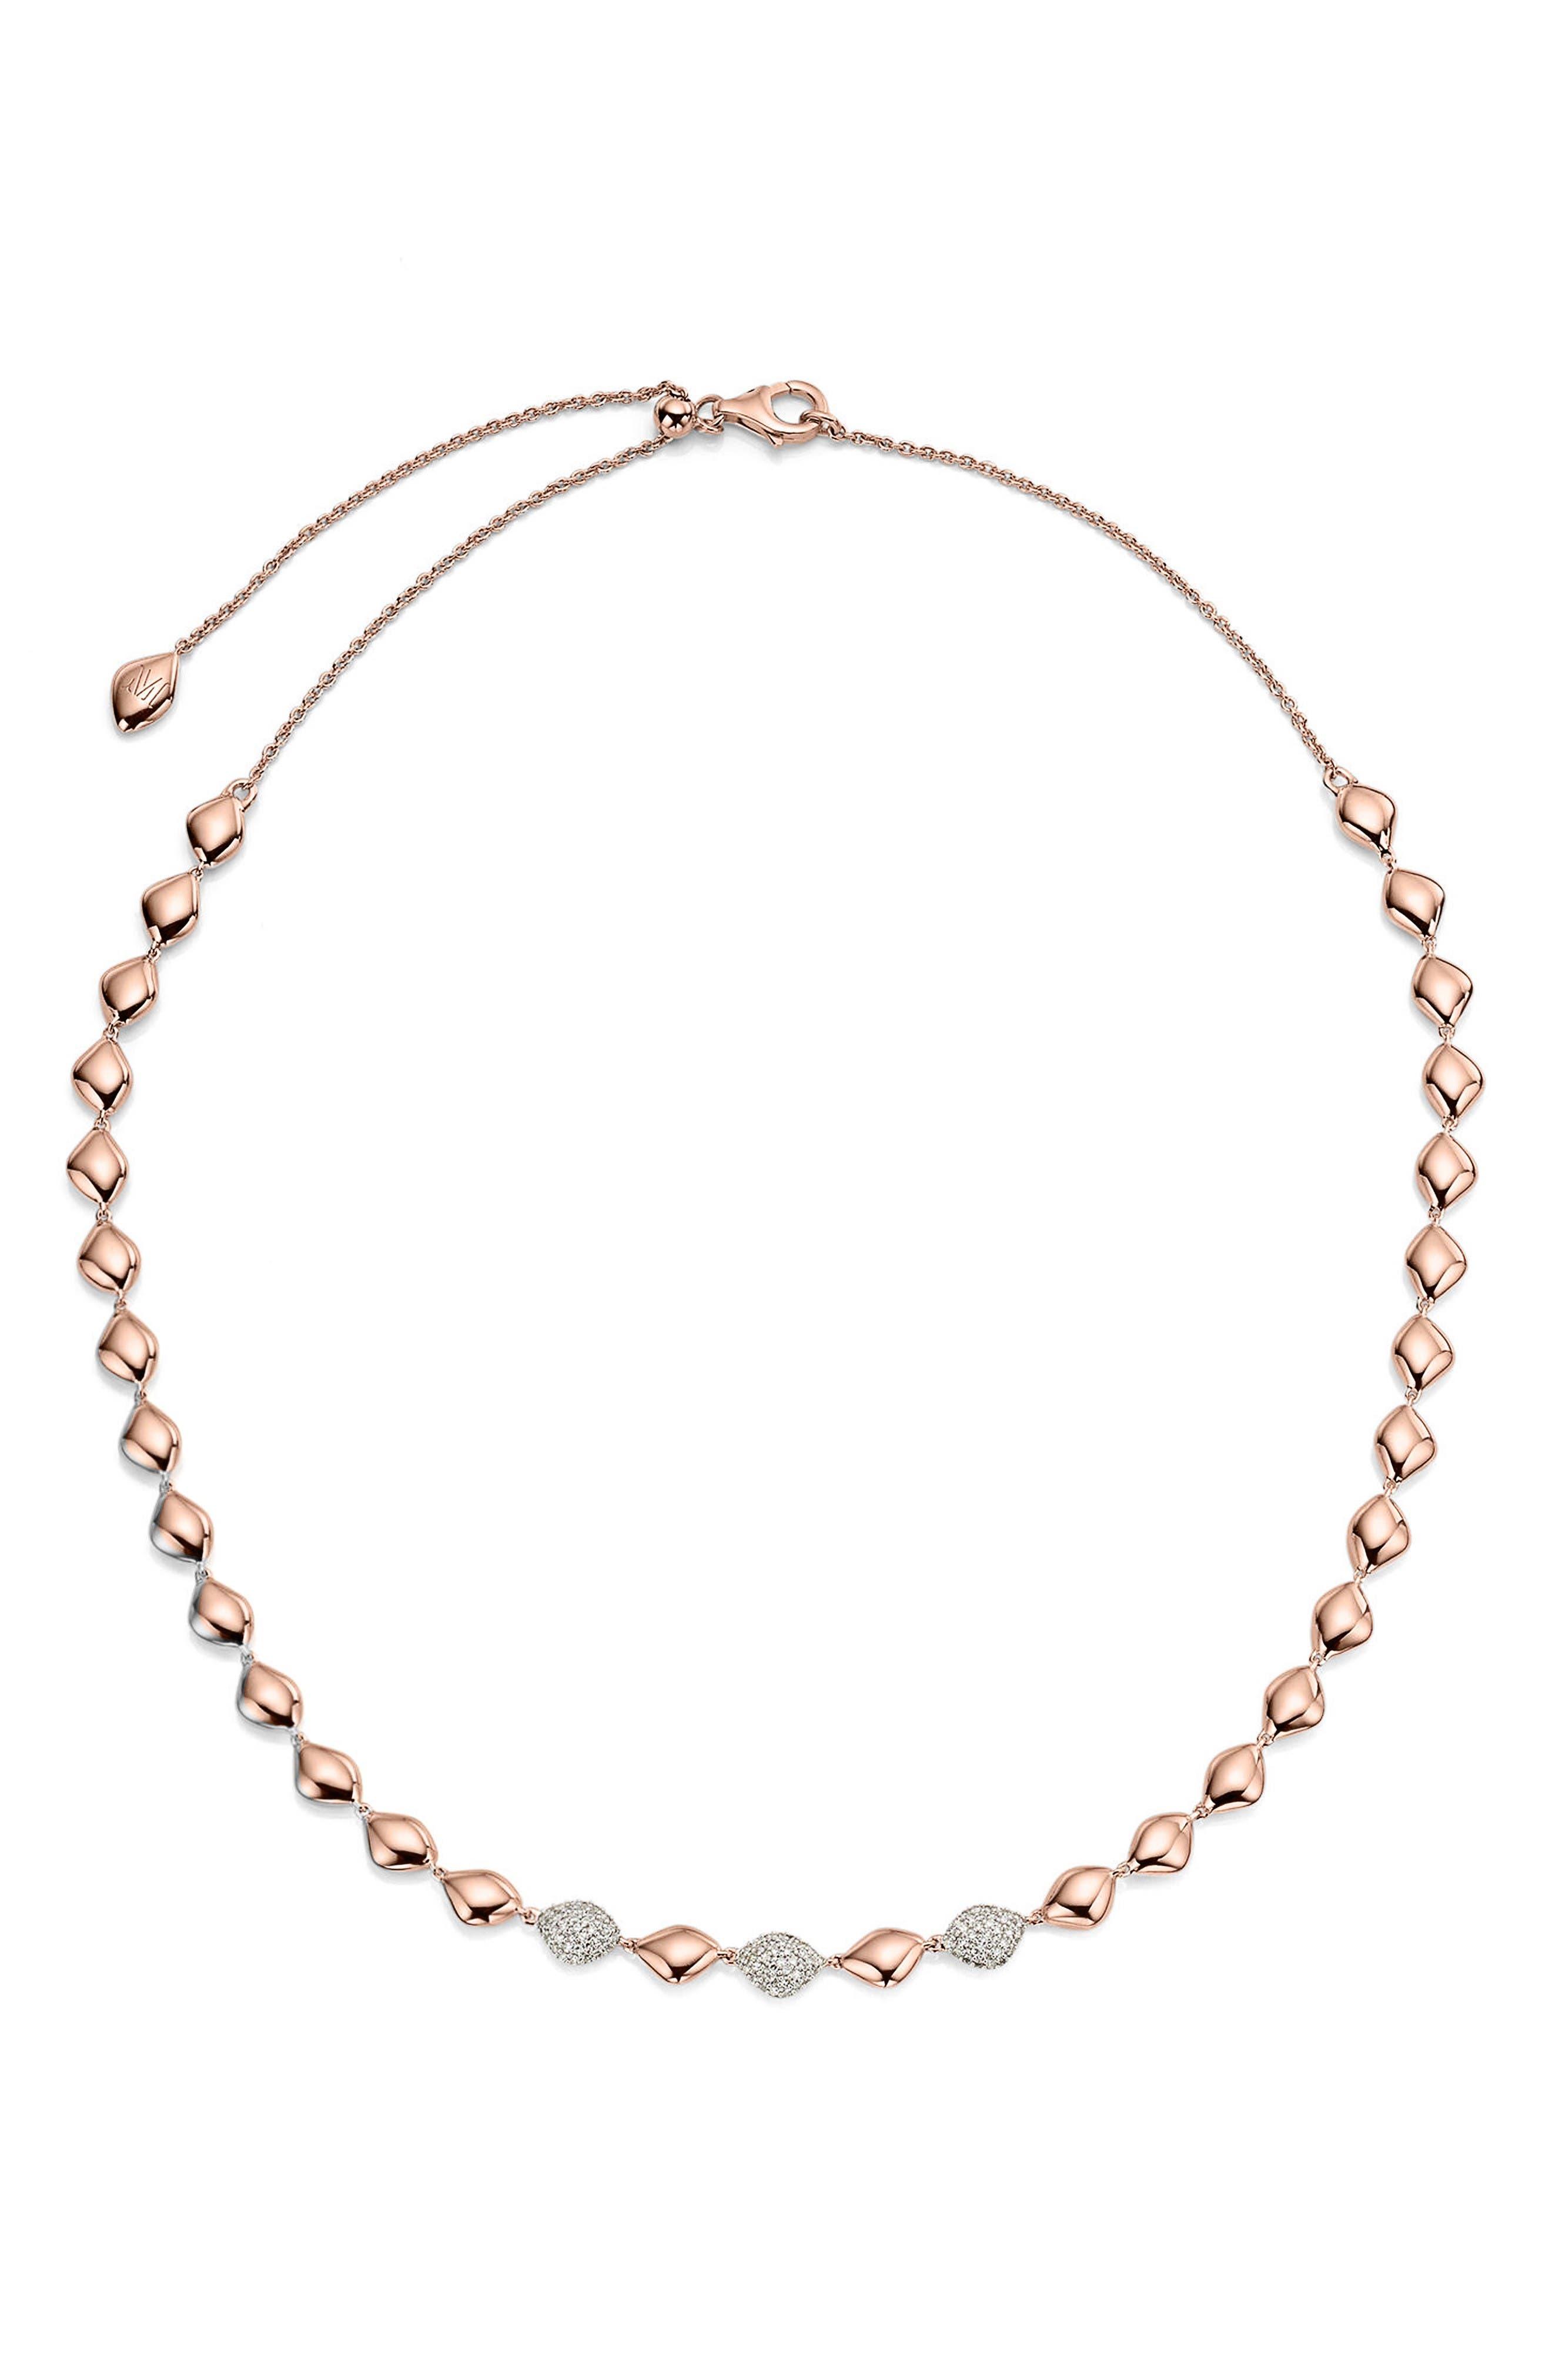 Nura Diamond Collar Necklace,                         Main,                         color, Rose Gold/ Diamond